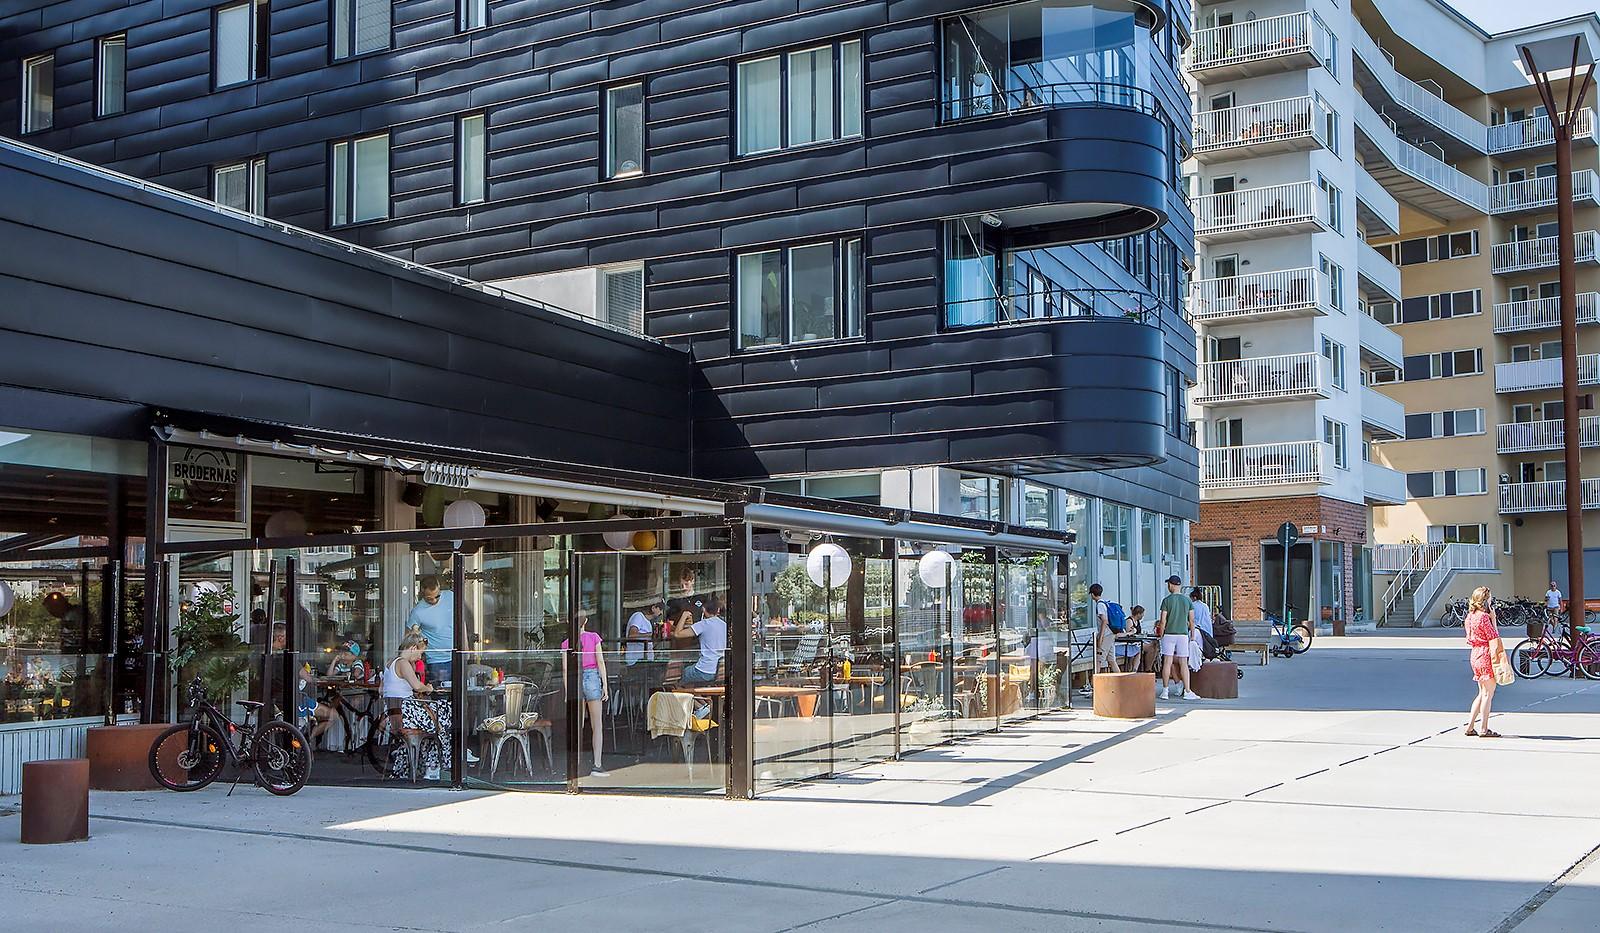 Sjöviksvägen 128, 4tr - Flera mysiga restauranger längs promenaden vid vattnet